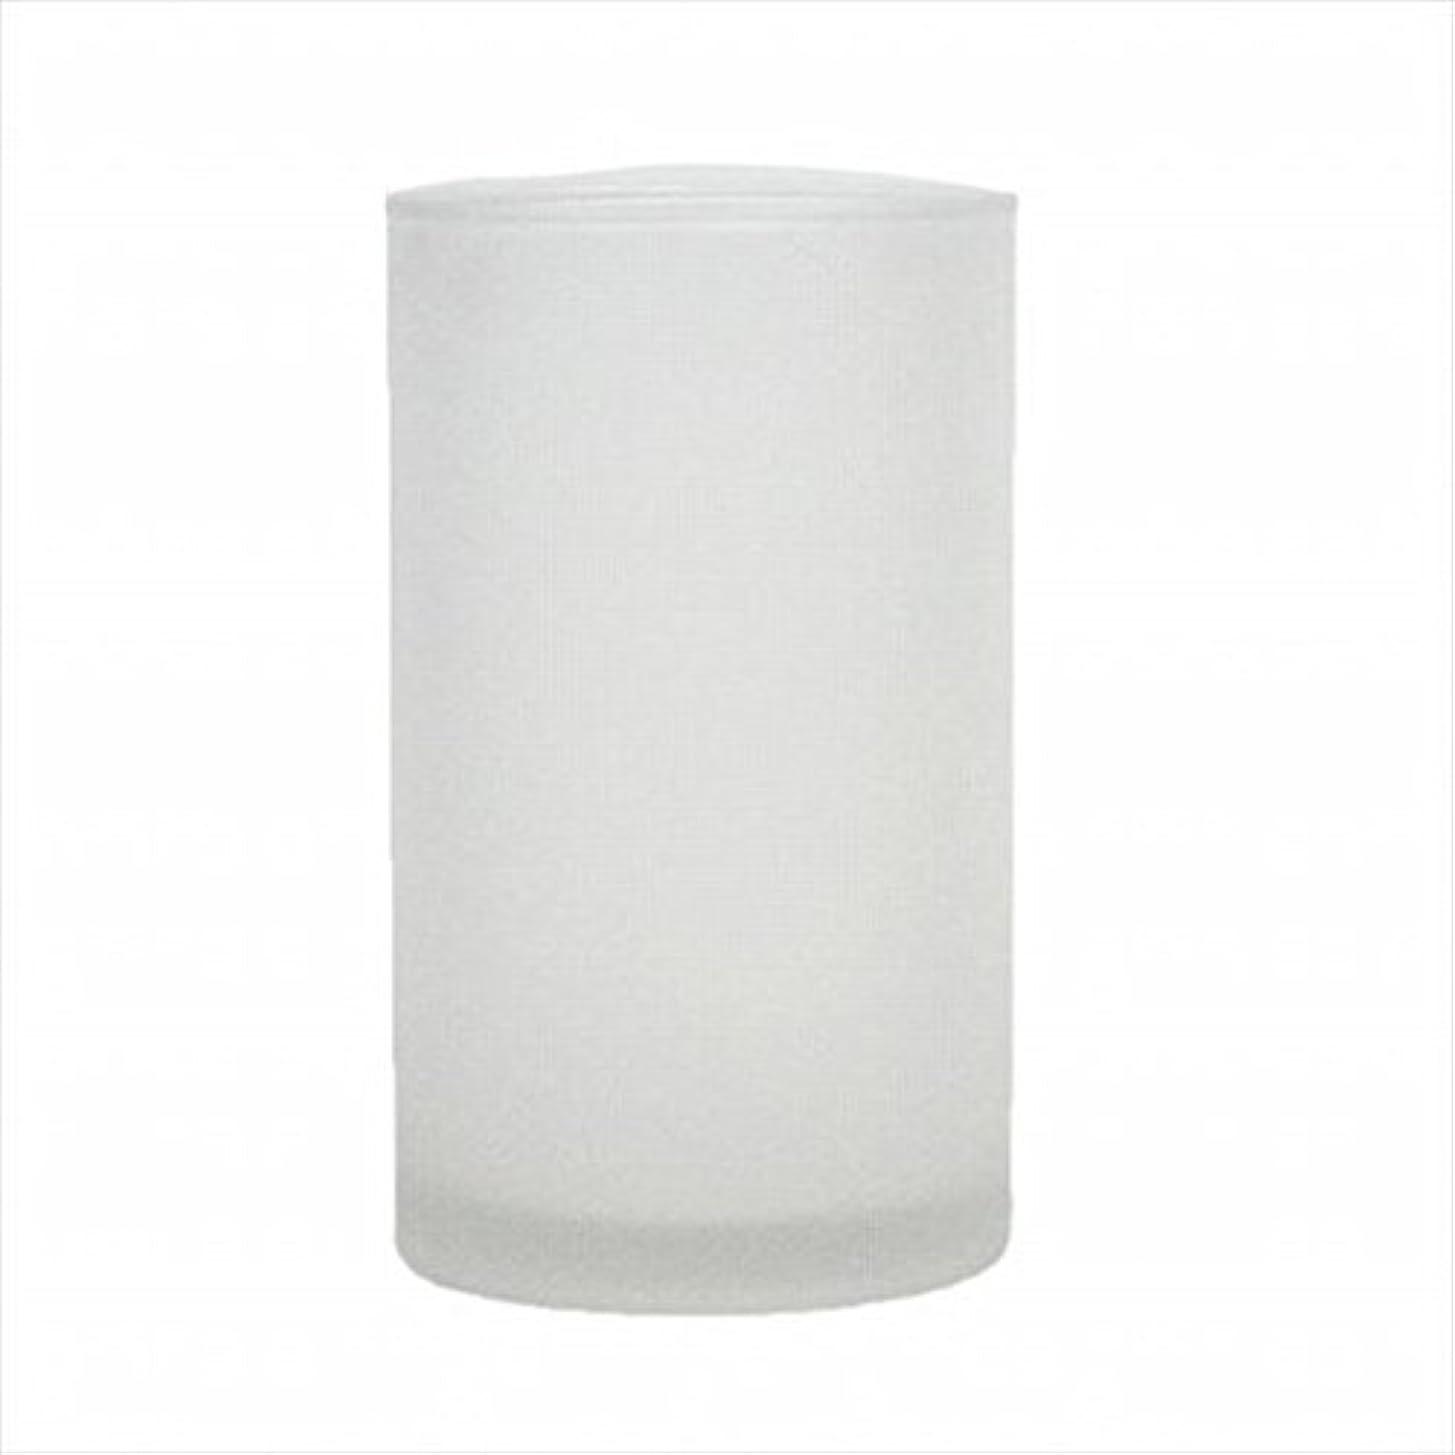 側溝作成者害kameyama candle(カメヤマキャンドル) モルカグラスSフロスト キャンドル 90x90x155mm (65980000)